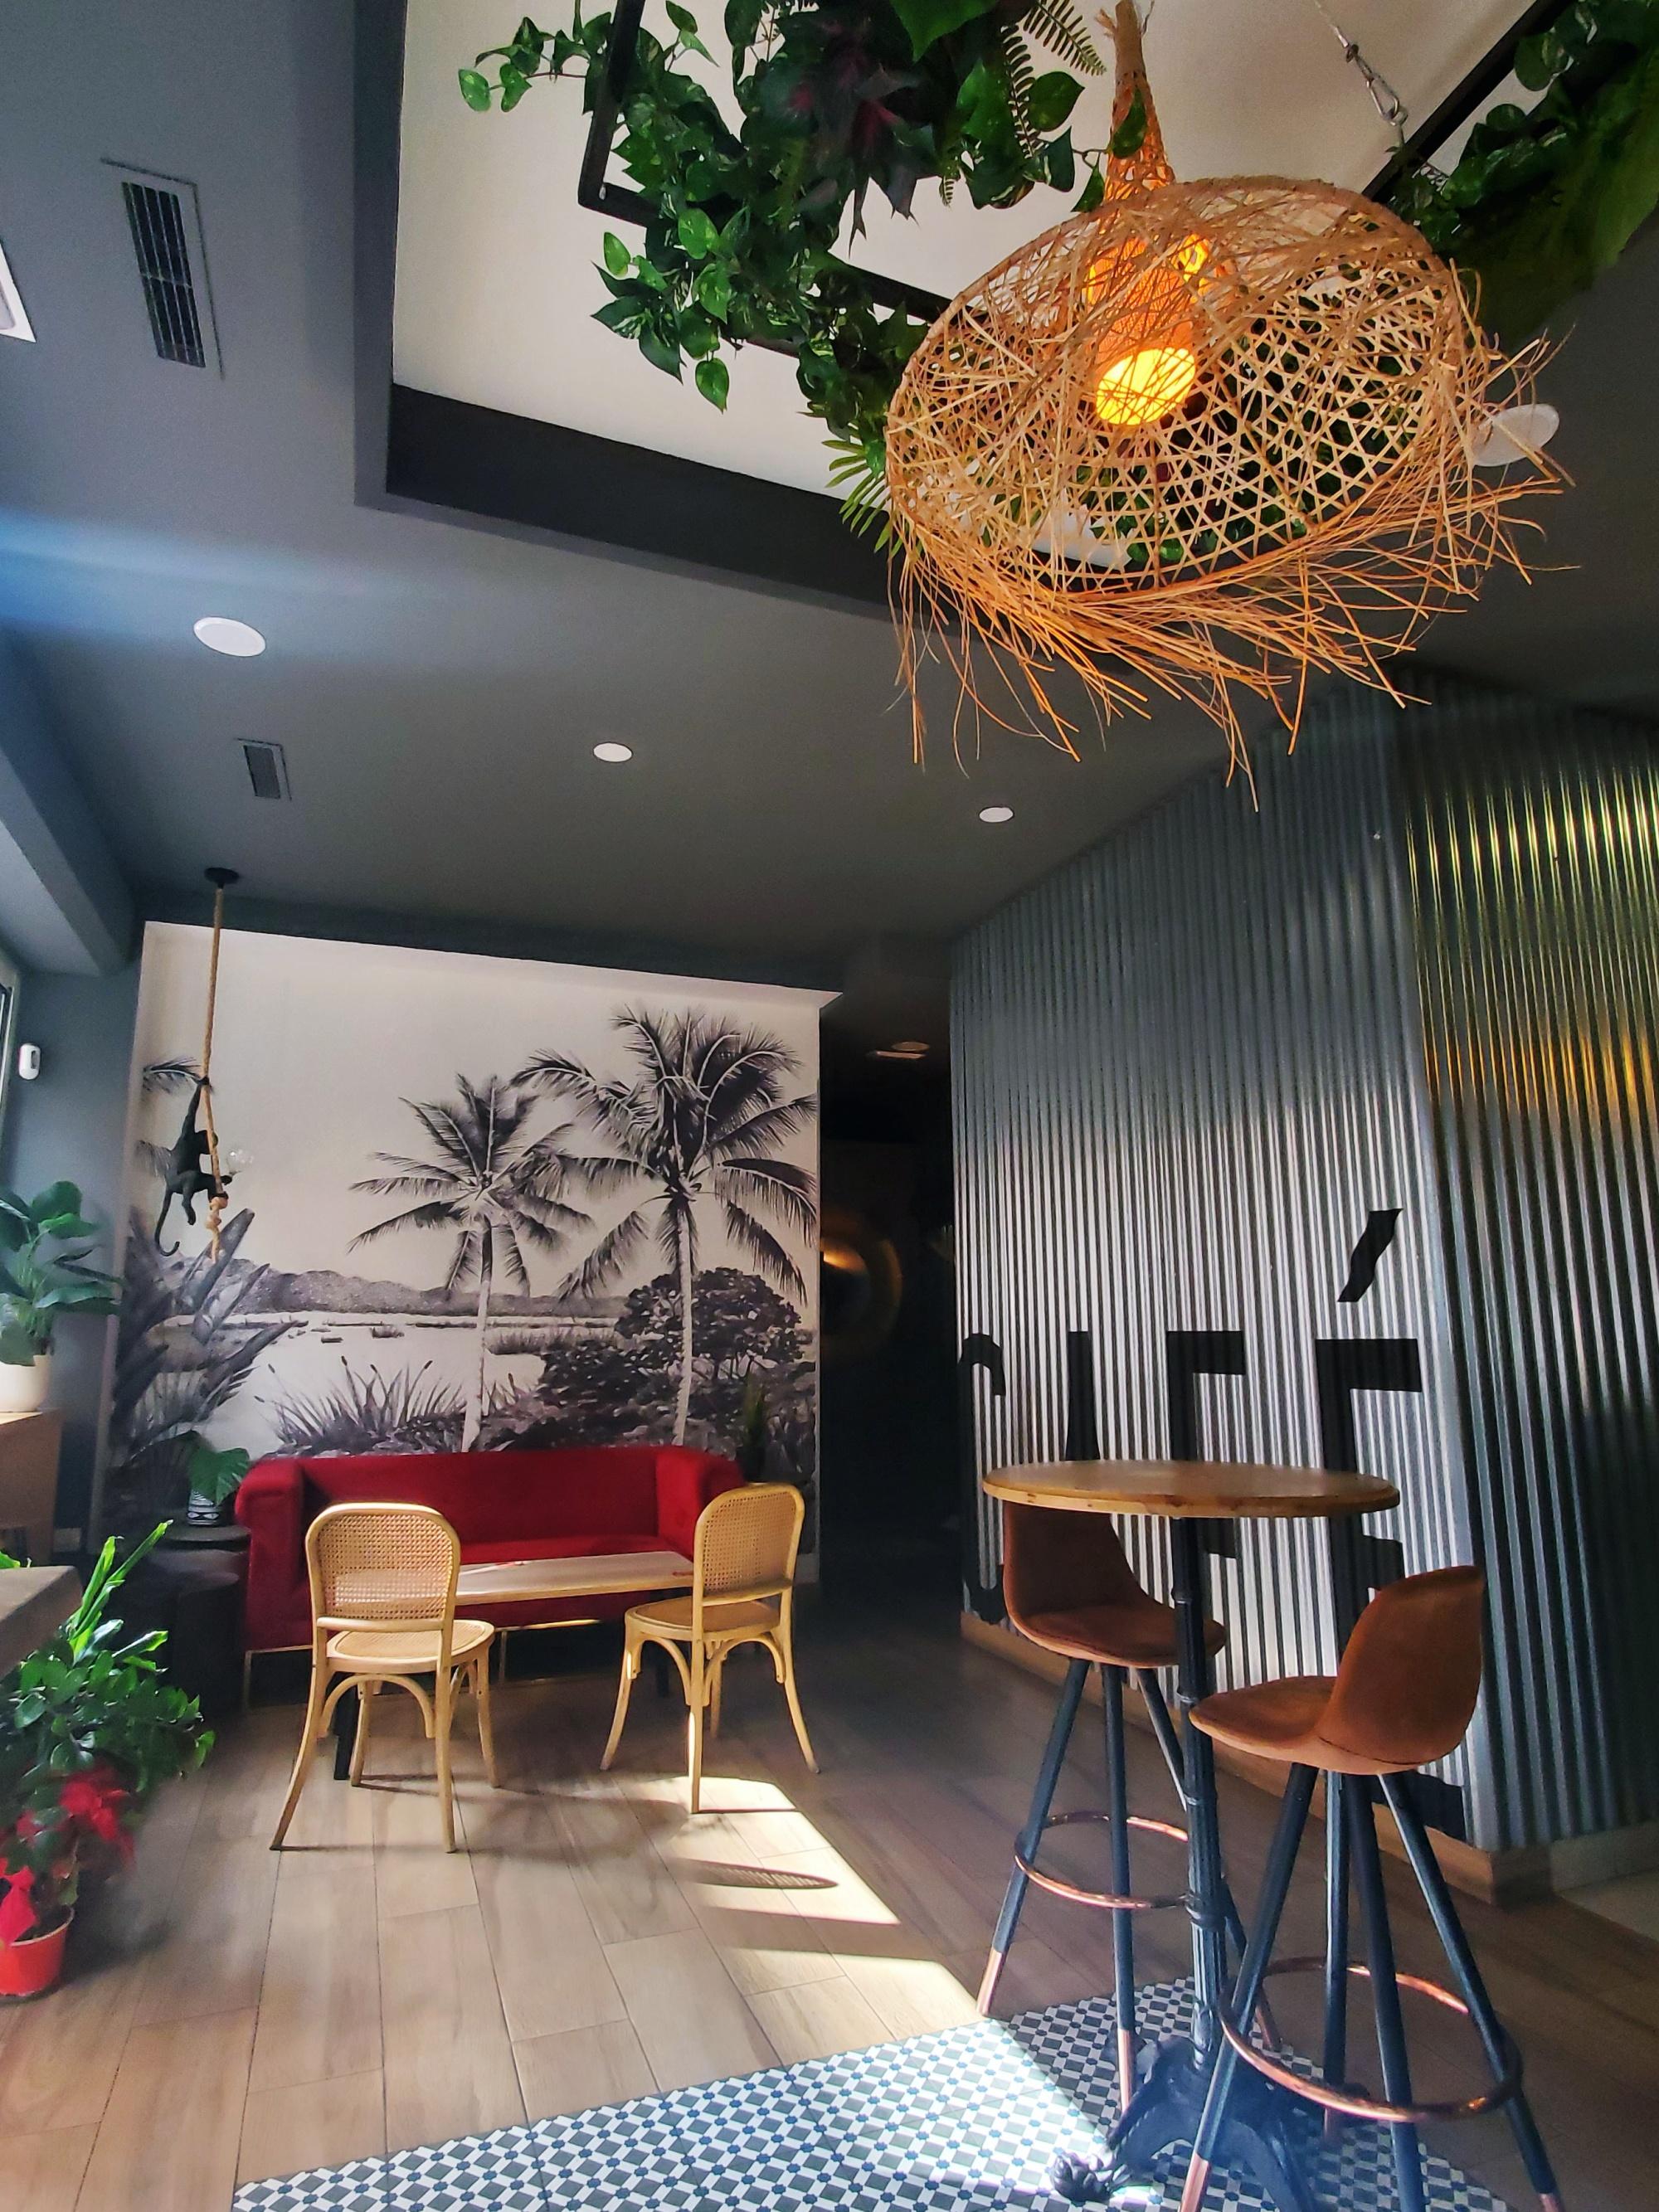 Roka Cafe Las Palmas